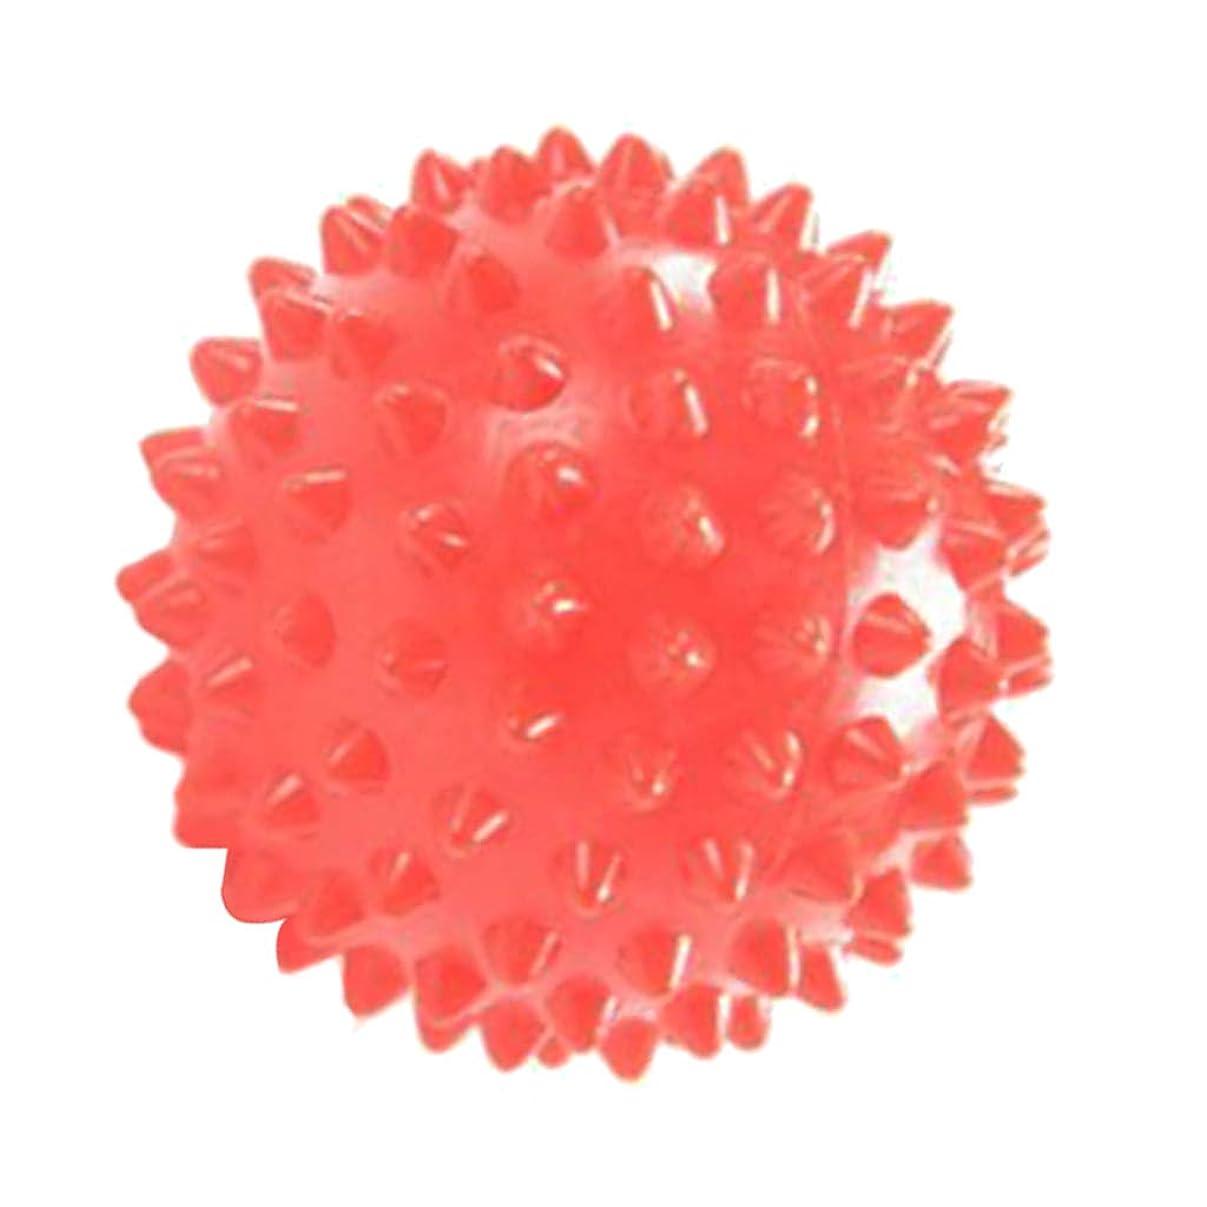 近代化する要件機関車dailymall マッサージボール 触覚ボール リフレクションボール 指圧ボール ツボ押し 筋膜リリースヨガ 7cm